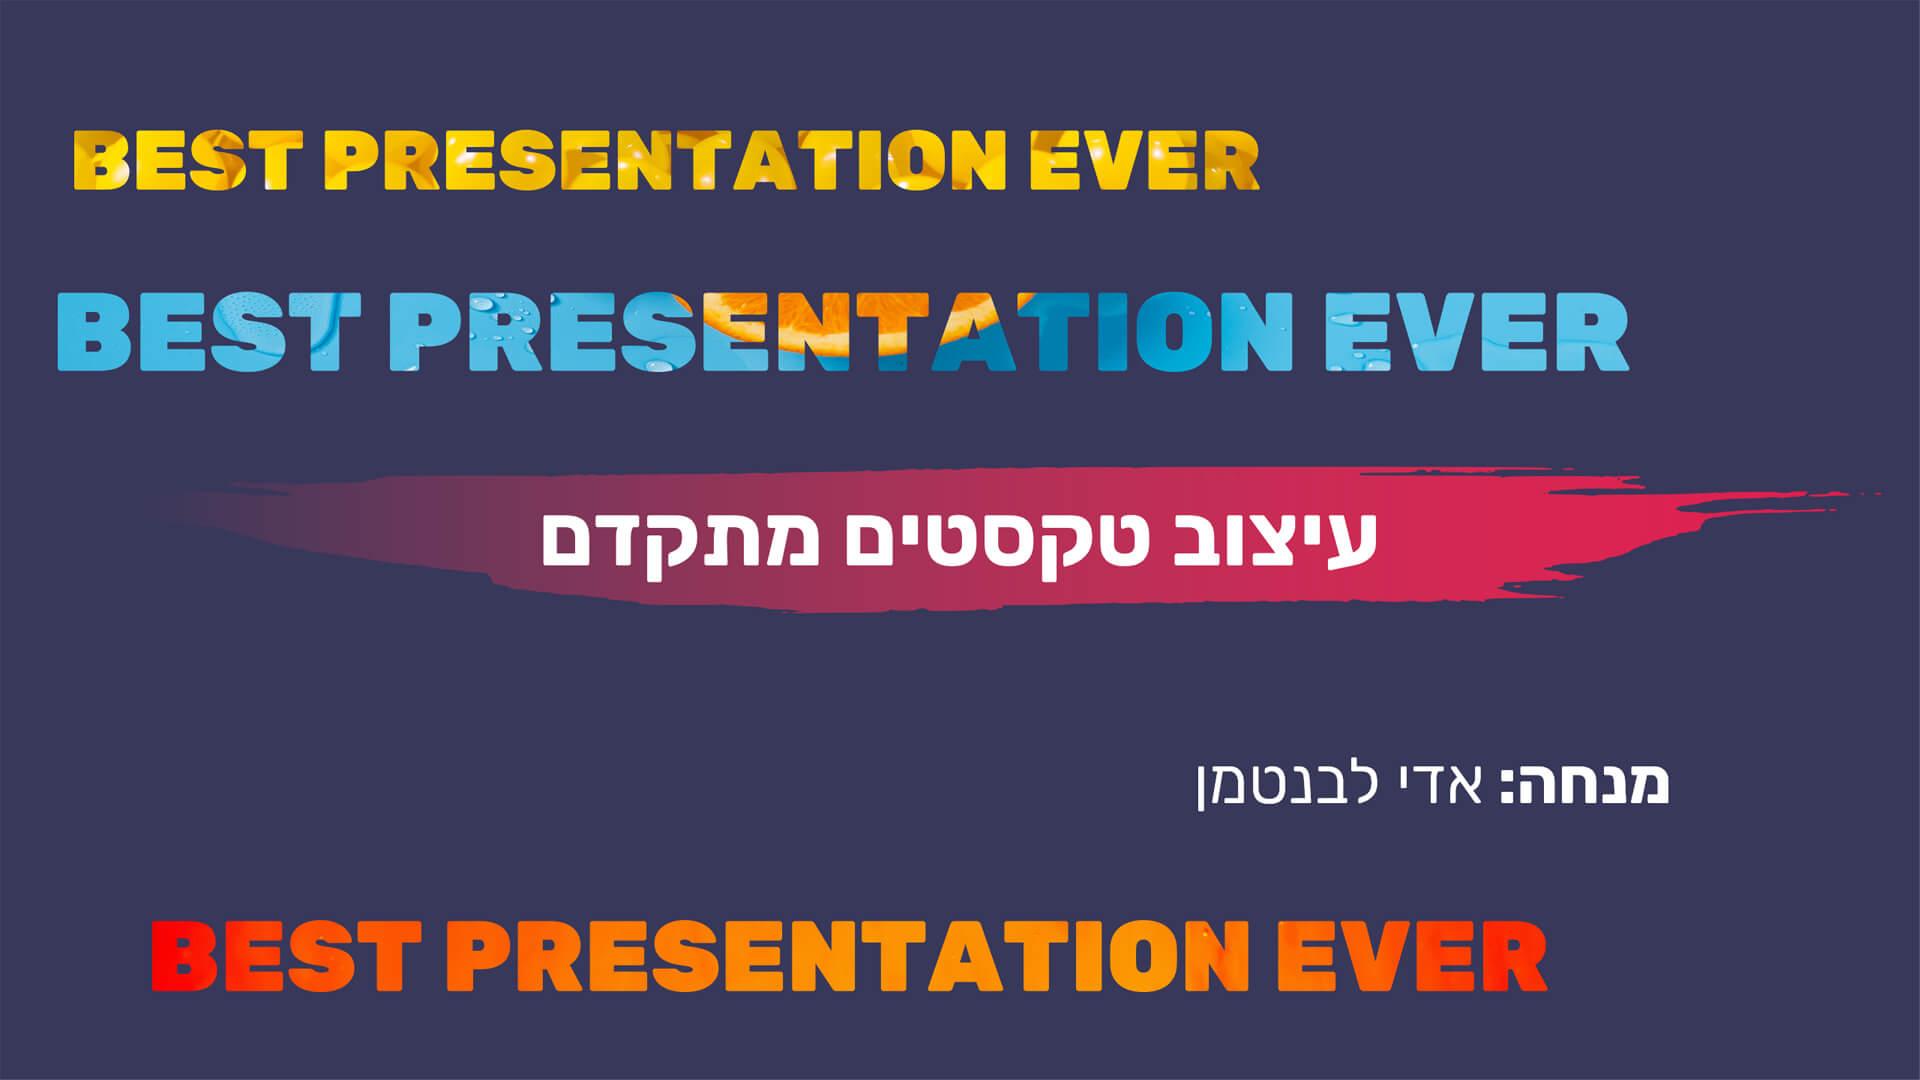 מדריך וידאו: עיצוב טקסטים מתקדם ב- PowerPoint